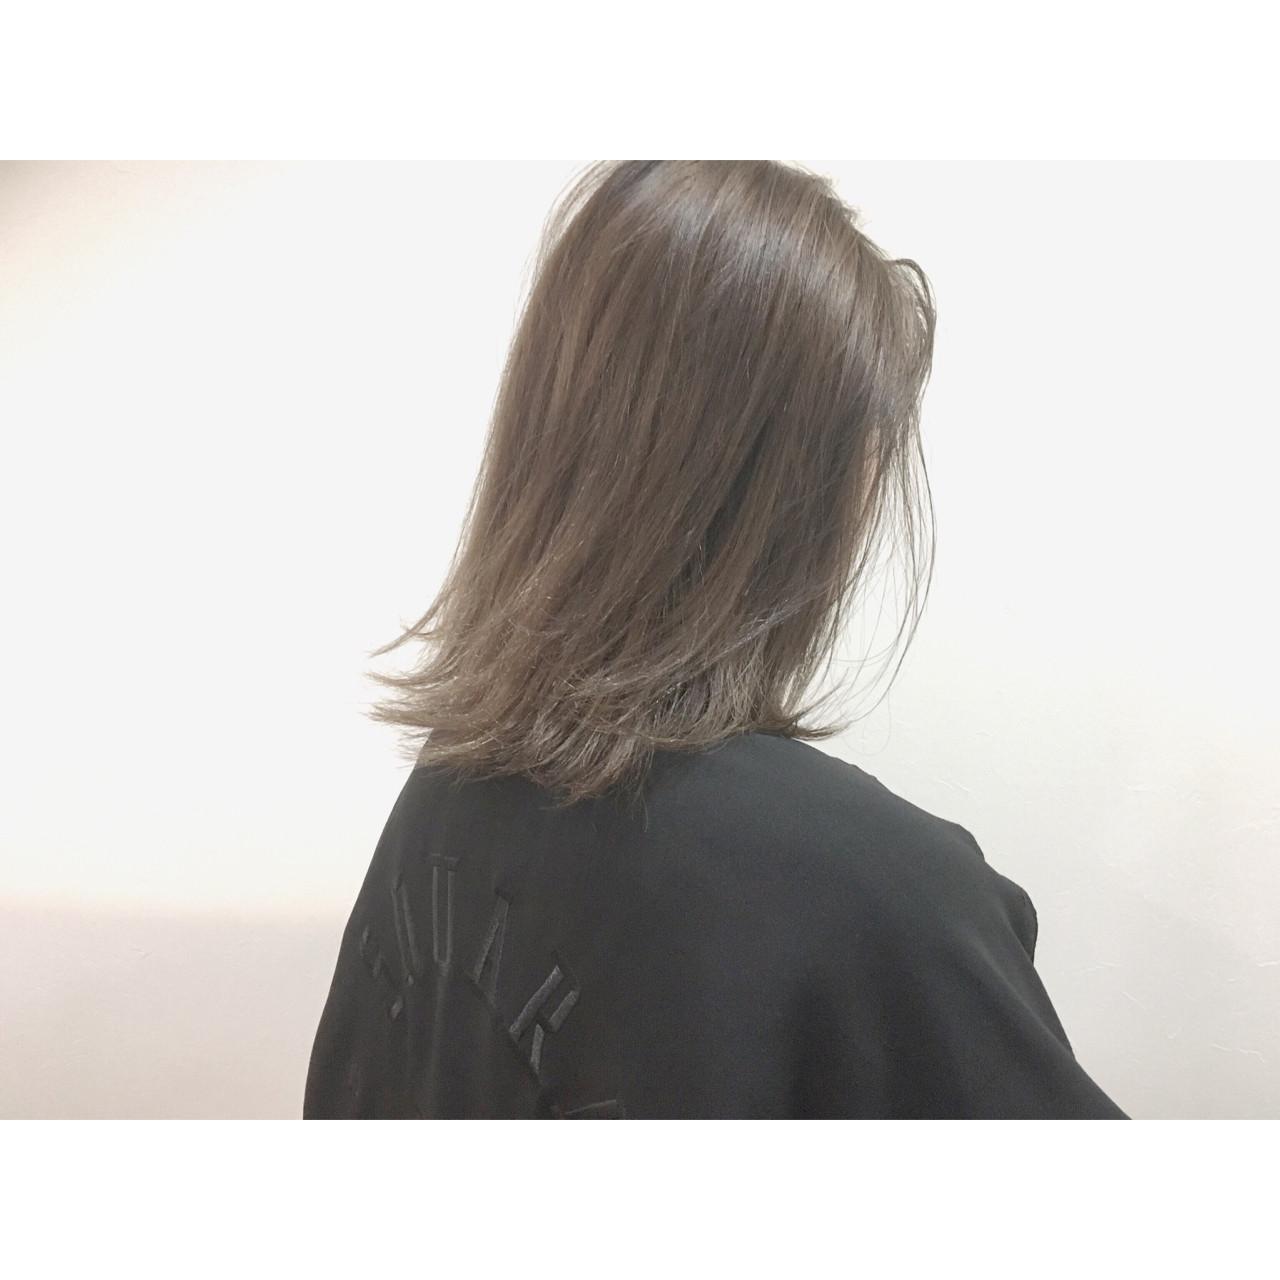 色気 ボブ ハイライト アッシュ ヘアスタイルや髪型の写真・画像 | 廣長 毅 / Lull/ vampdiva